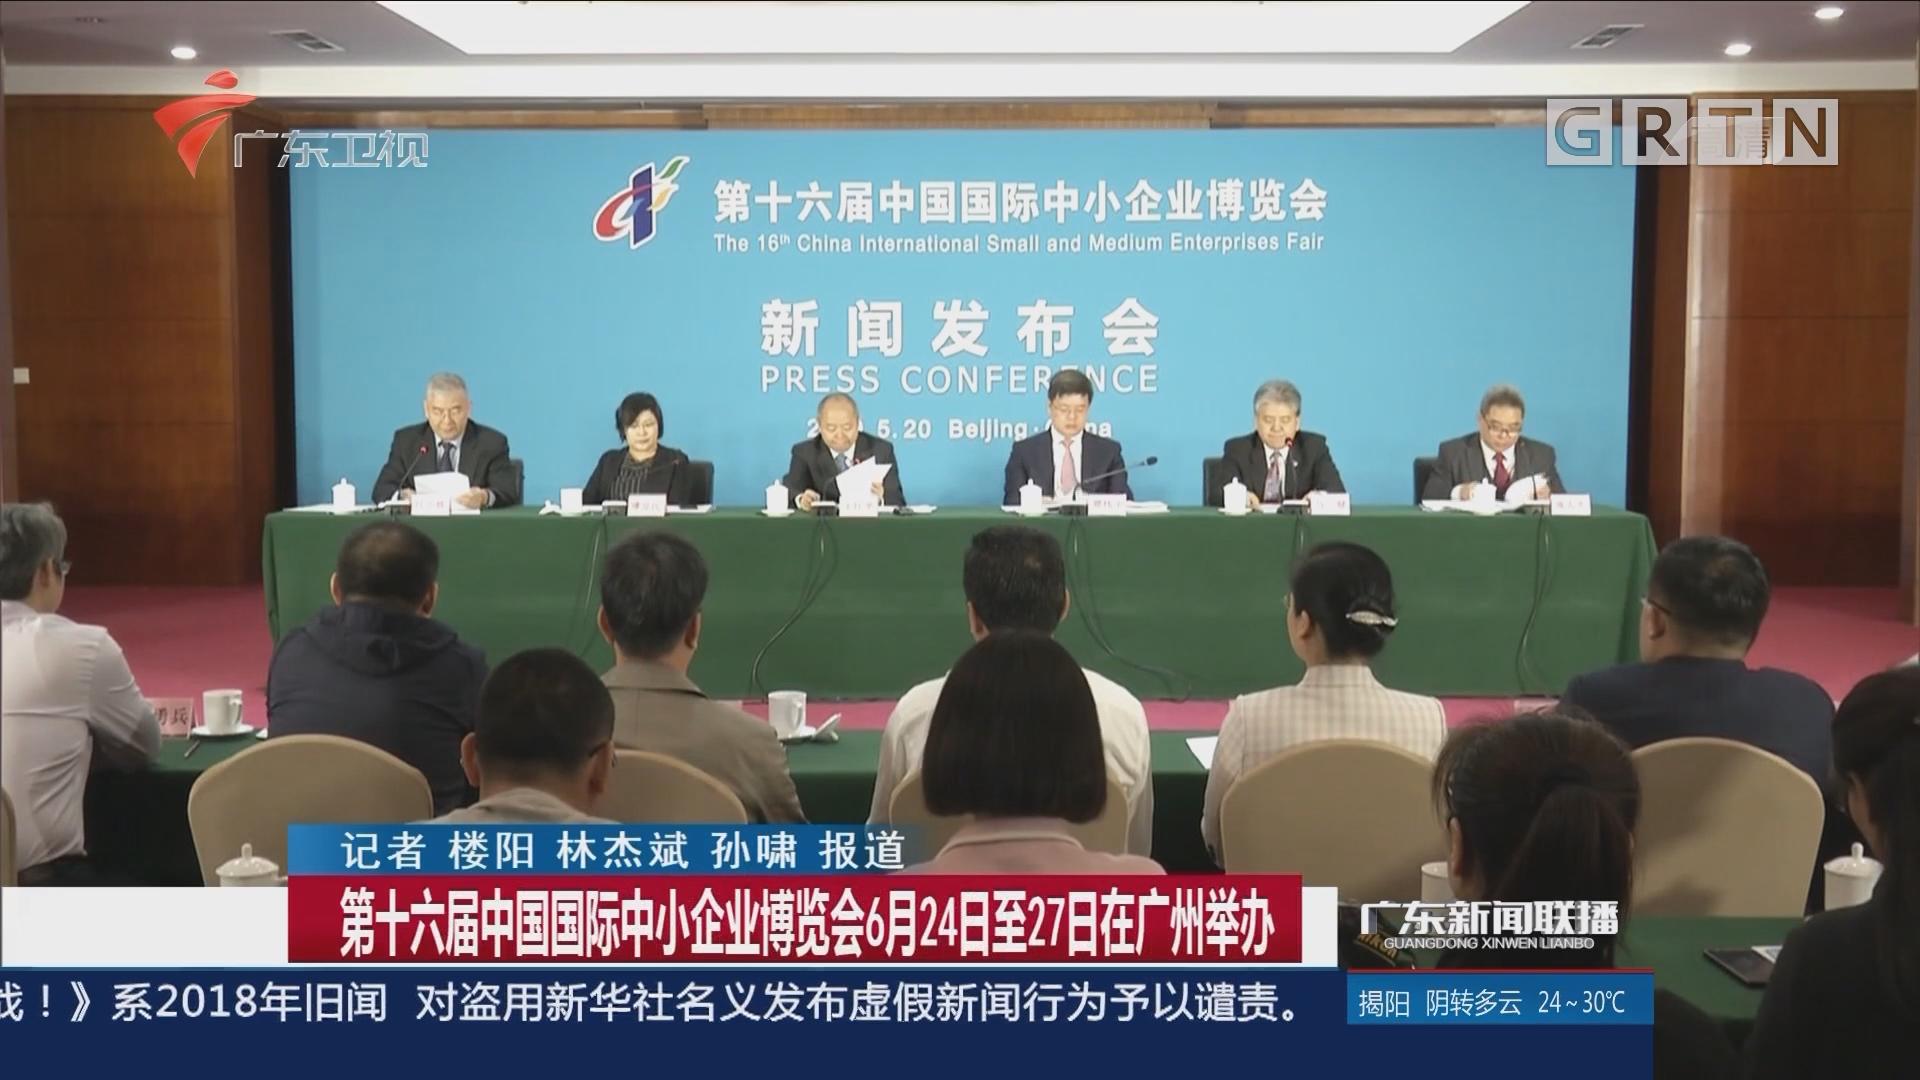 第十六届中国国际中小企业博览会6月24日至27日在广州举办